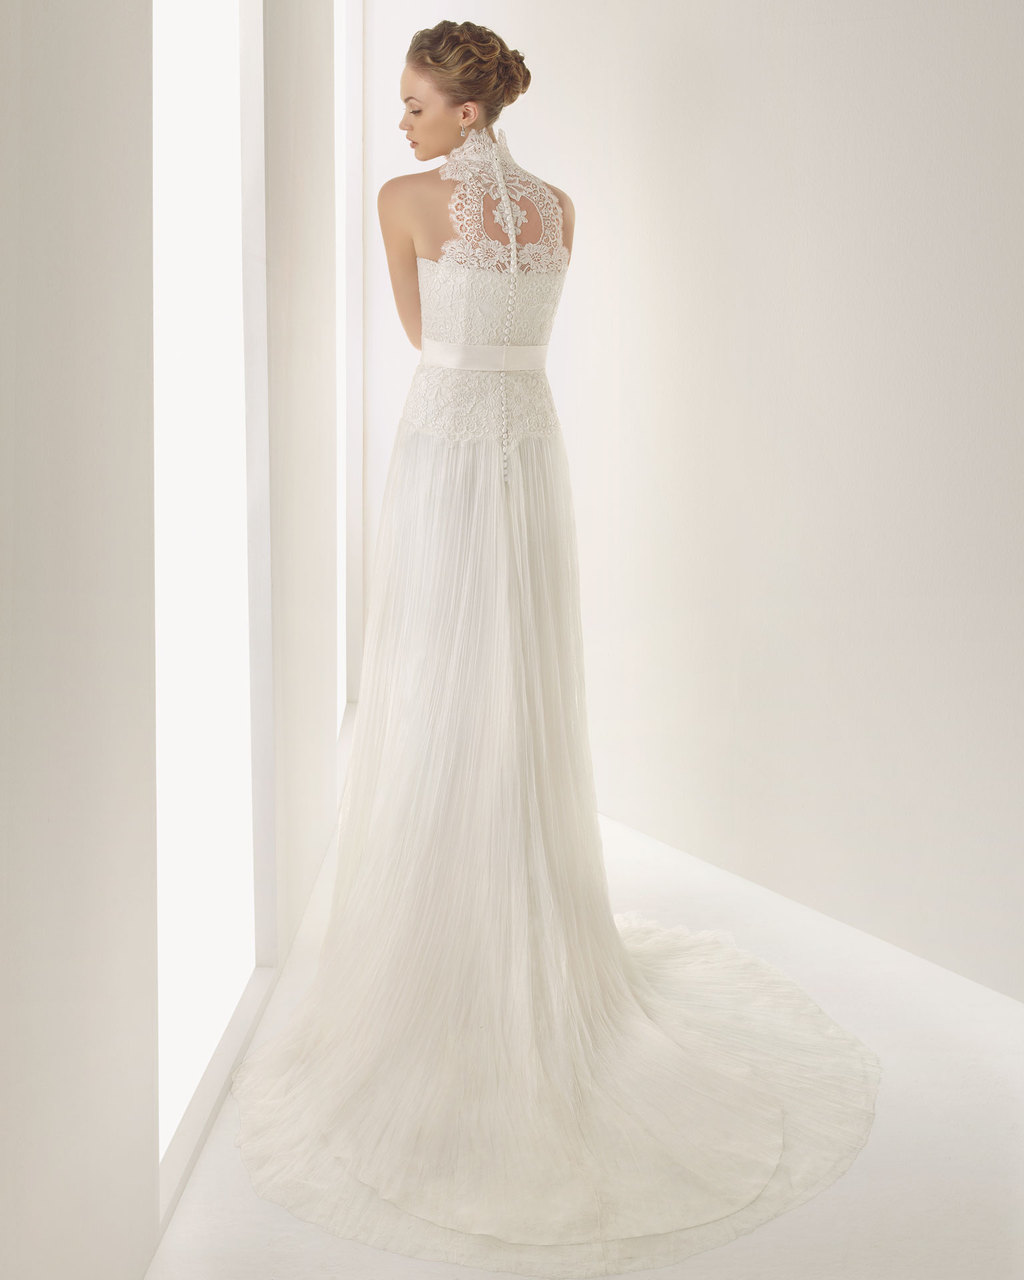 2013-wedding-dress-soft-by-rosa-clara-bridal-gowns-jucar-b.full